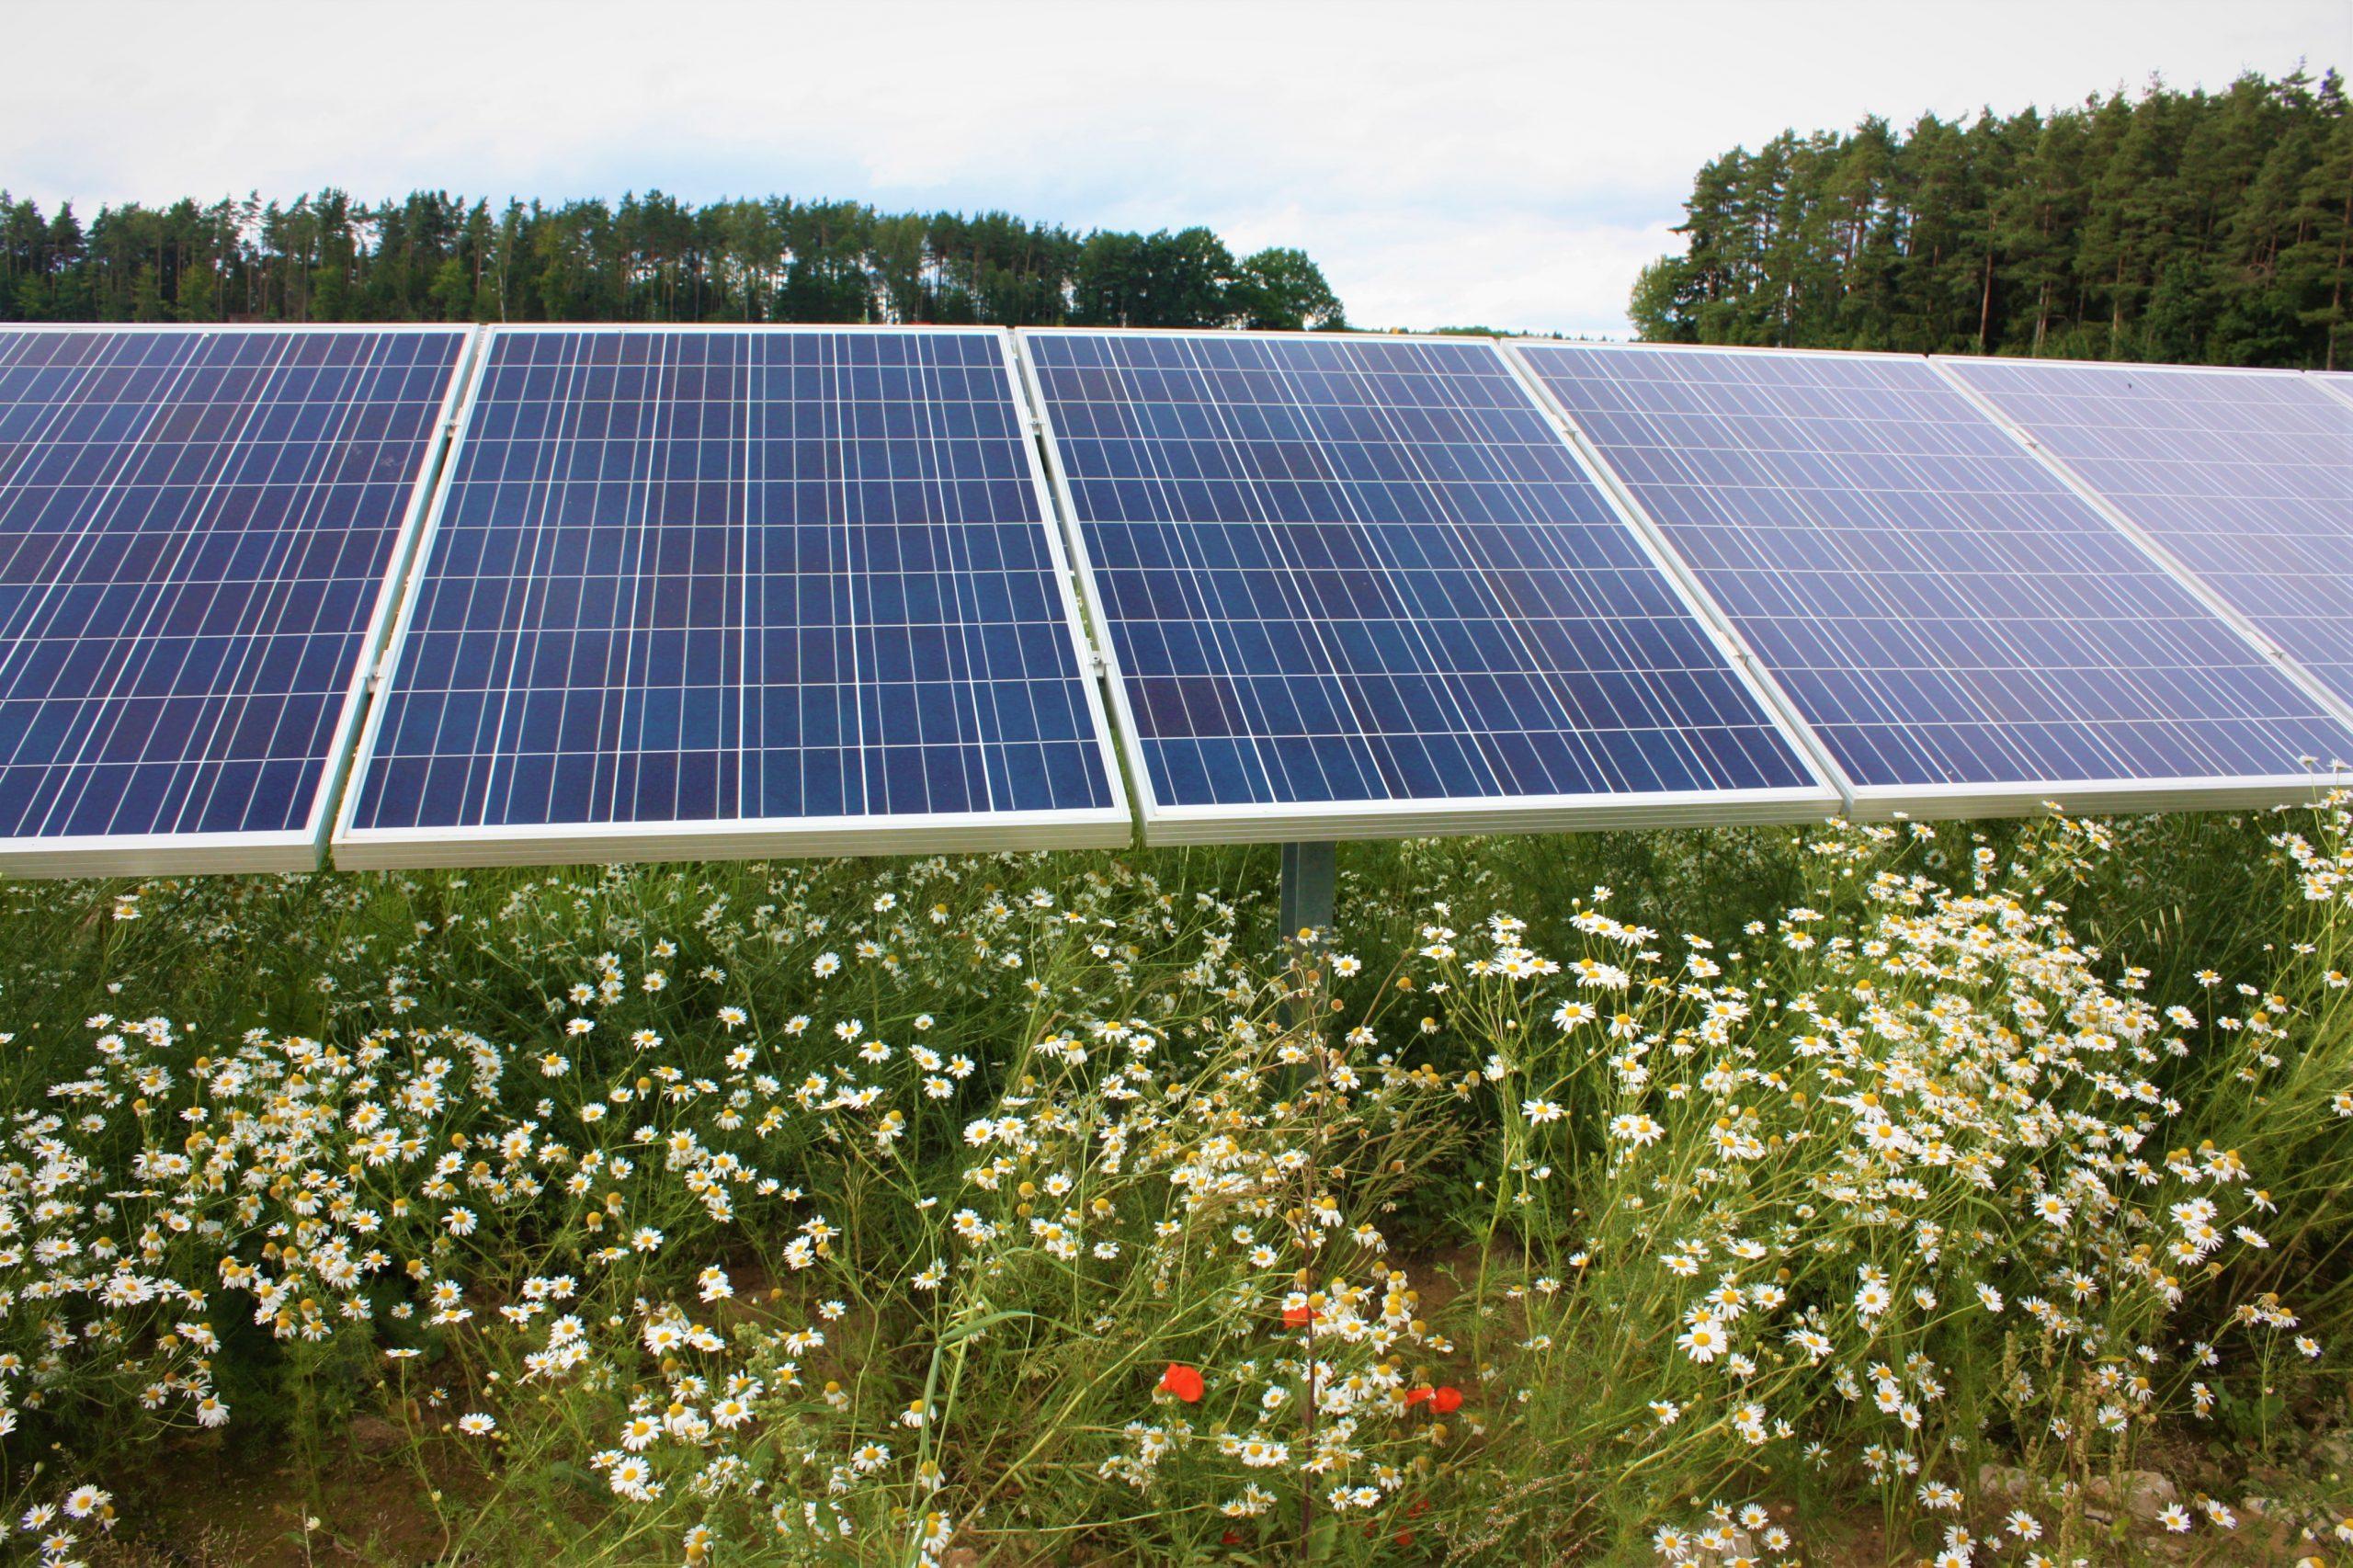 Erhöhung der Höchstgrenze für Photovoltaik-Freiflächenanlagen in Bayern